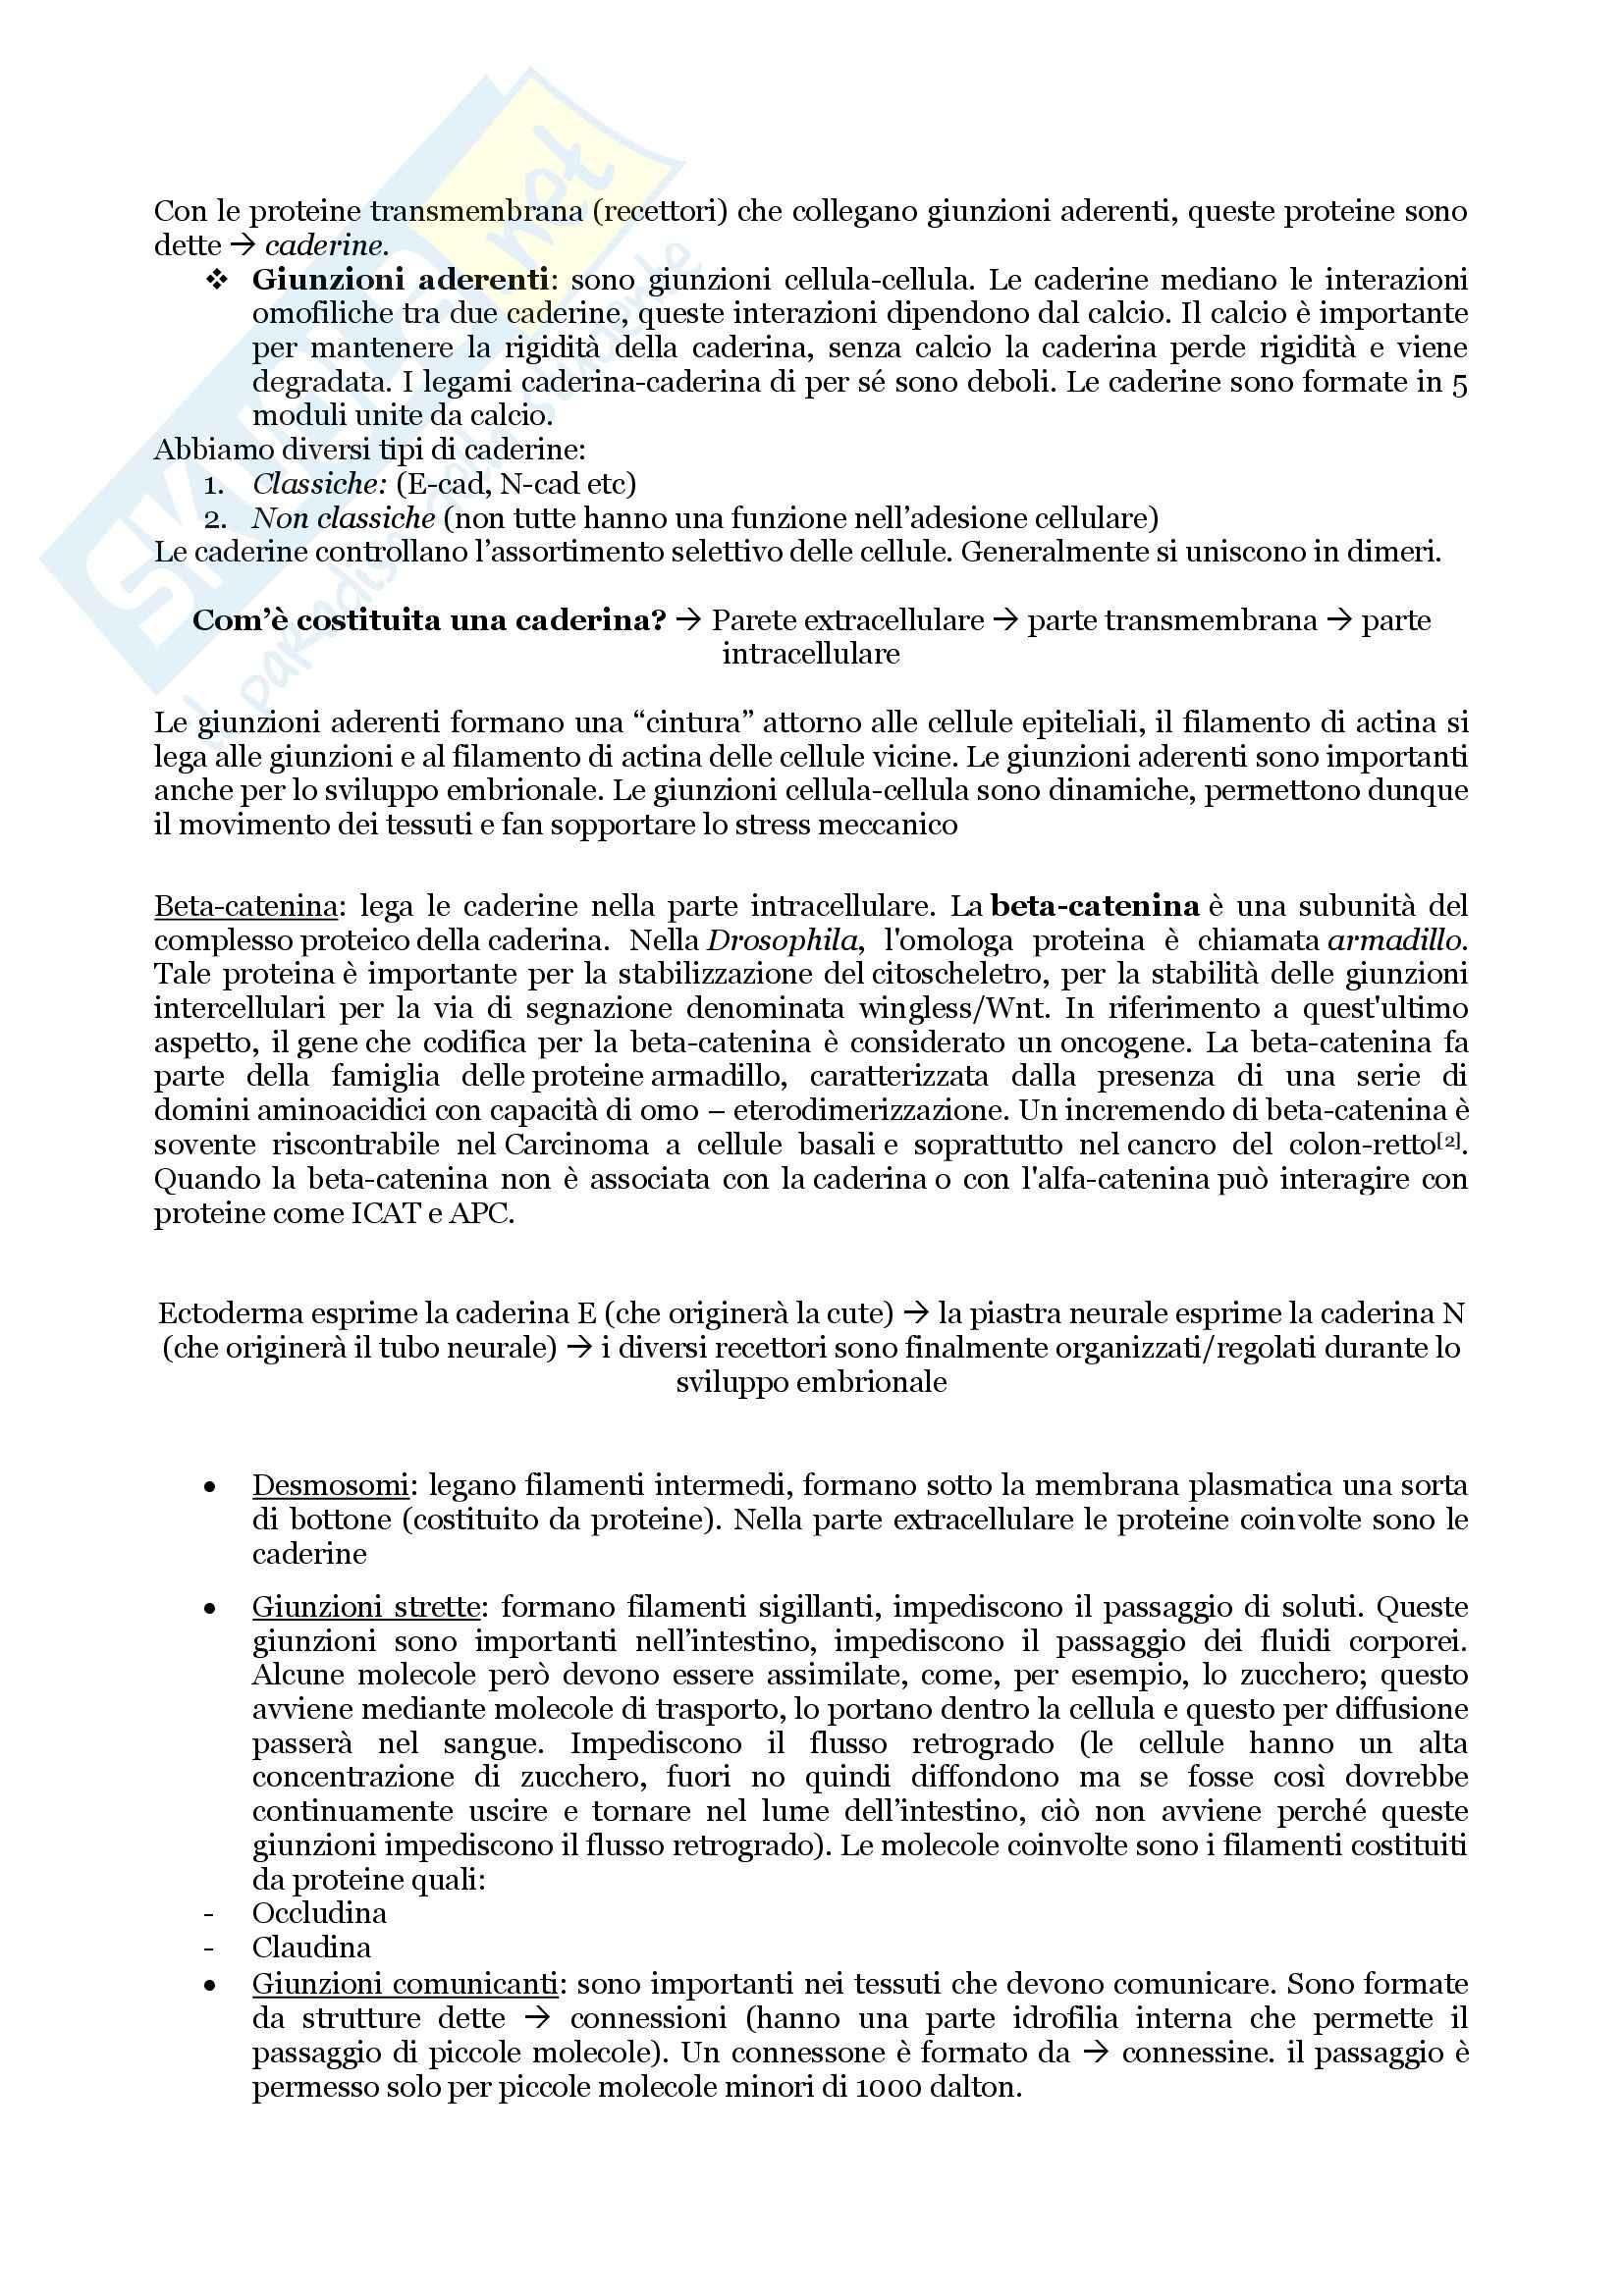 Biologia Applicata - Appunti, Slides e Schemi libro Pag. 71